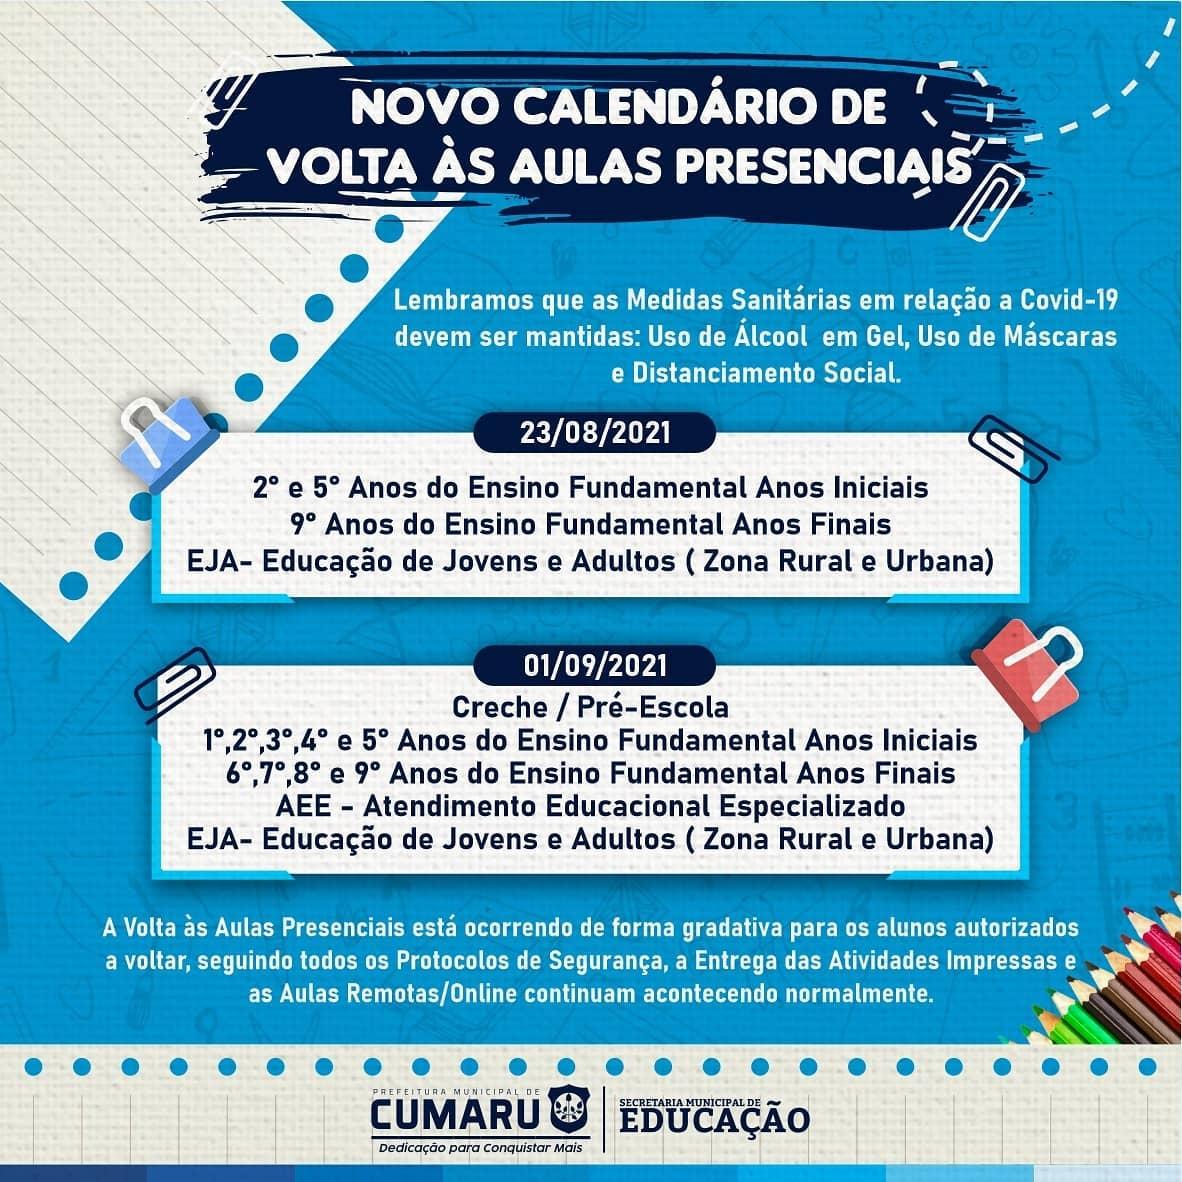 NOVO CALENDÁRIO DE VOLTA ÀS AULAS PRESENCIAIS